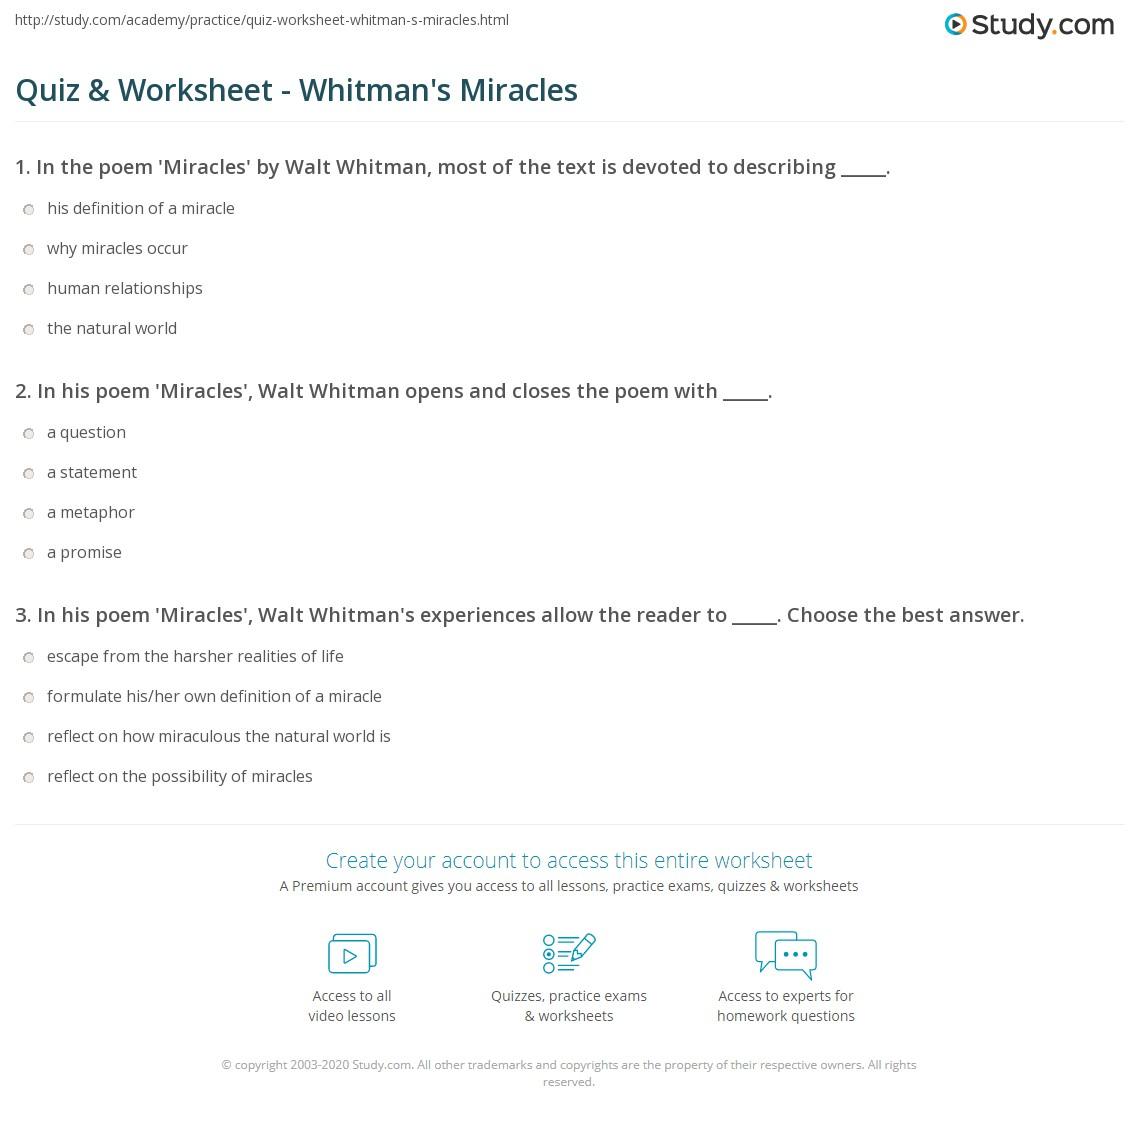 Free Printable Ged Science Worksheet